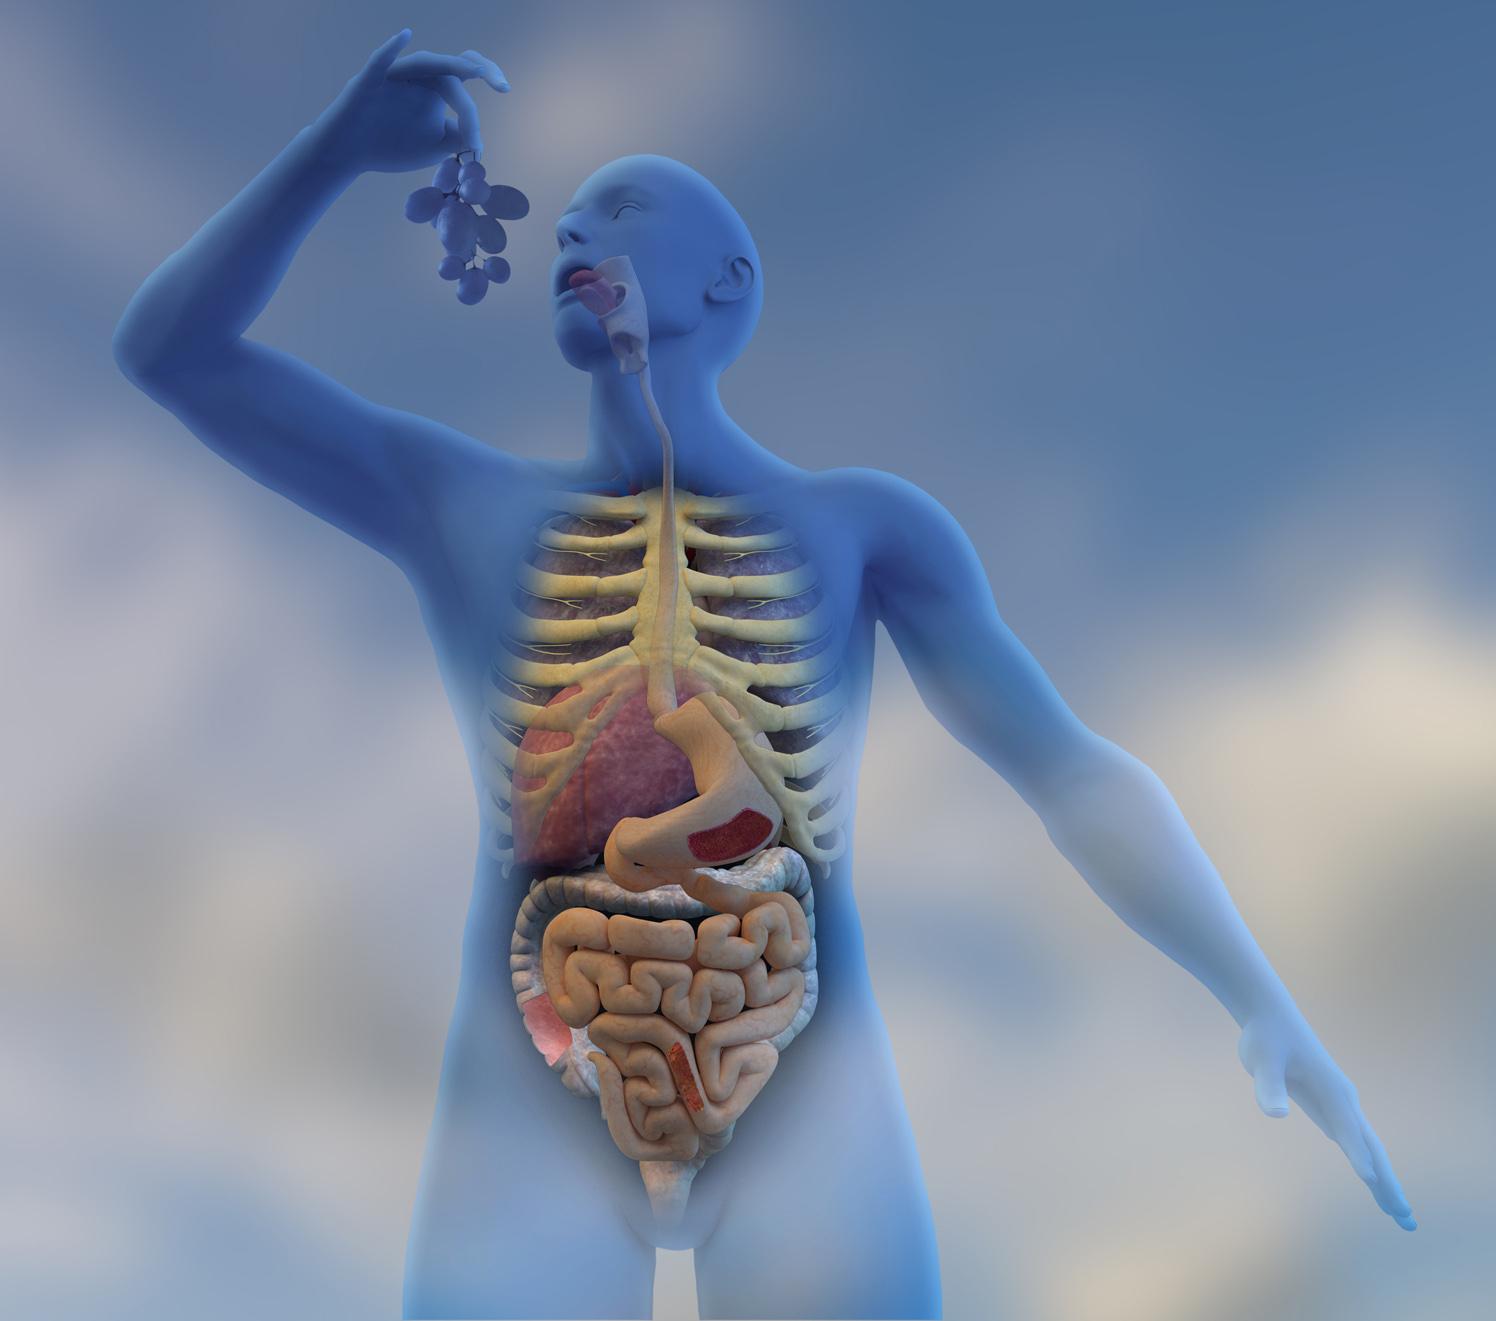 Penguin Medical Digestive System